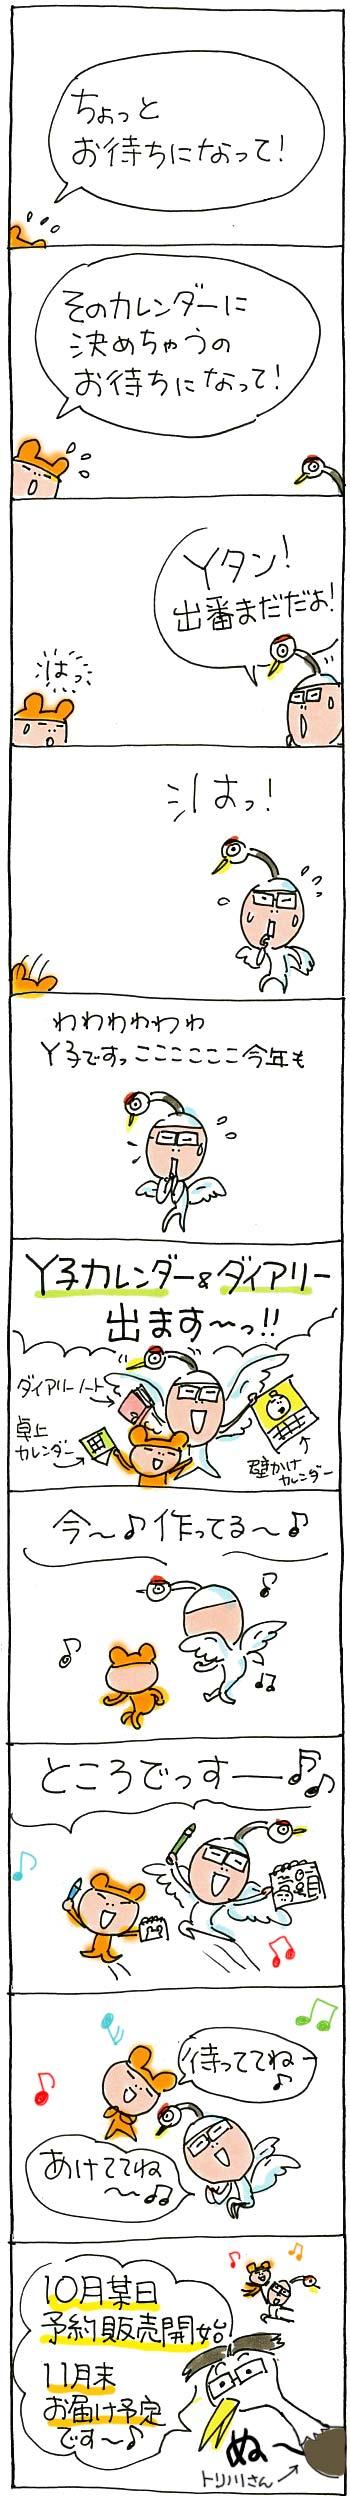 Y子ダイアリー2014始まり〜